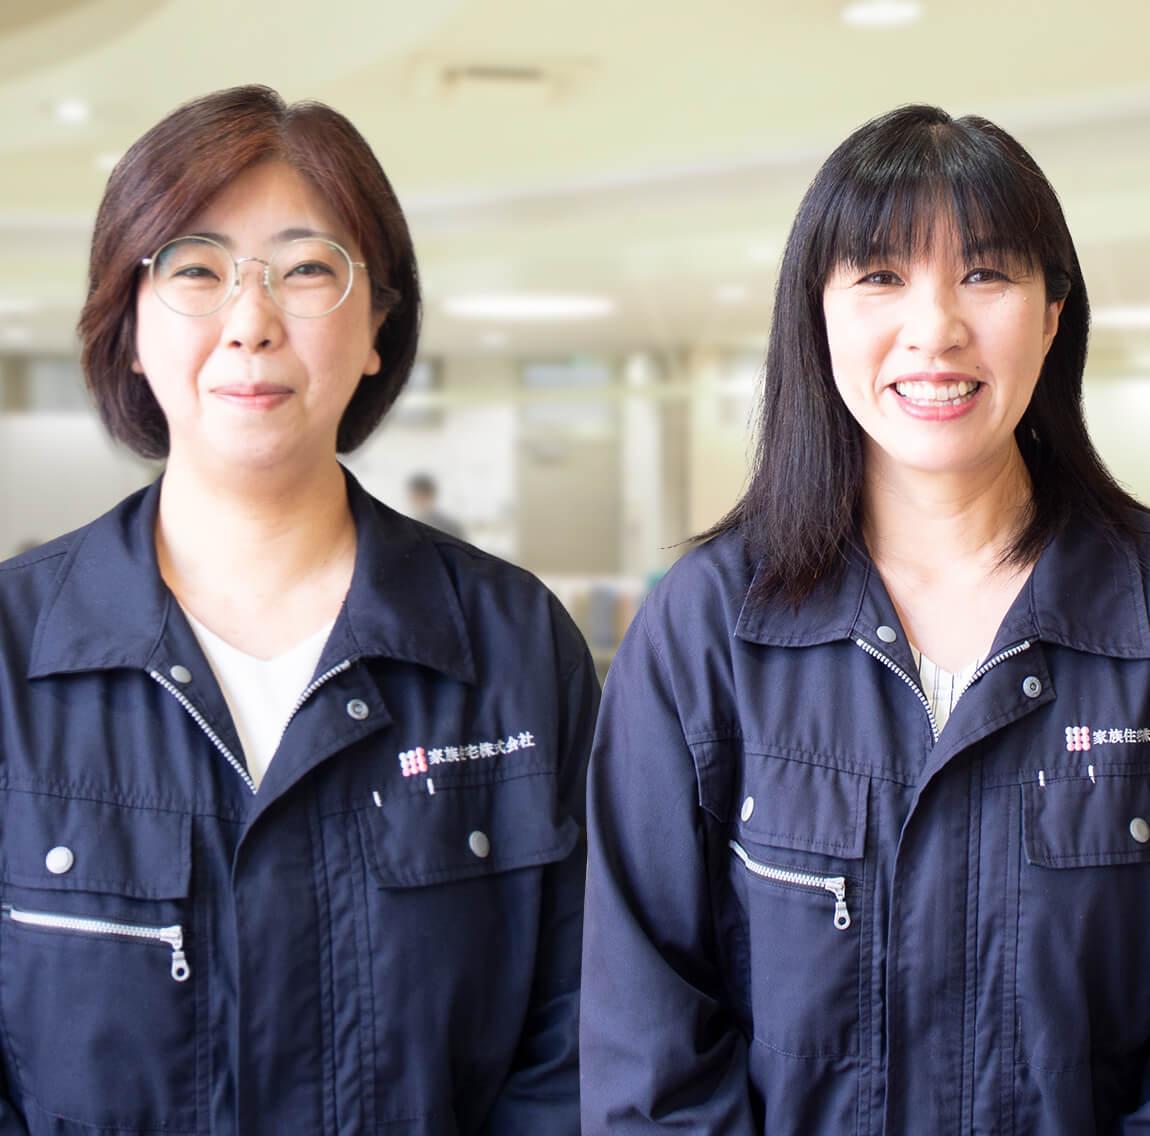 山田 圭子と土山 里江子の写真